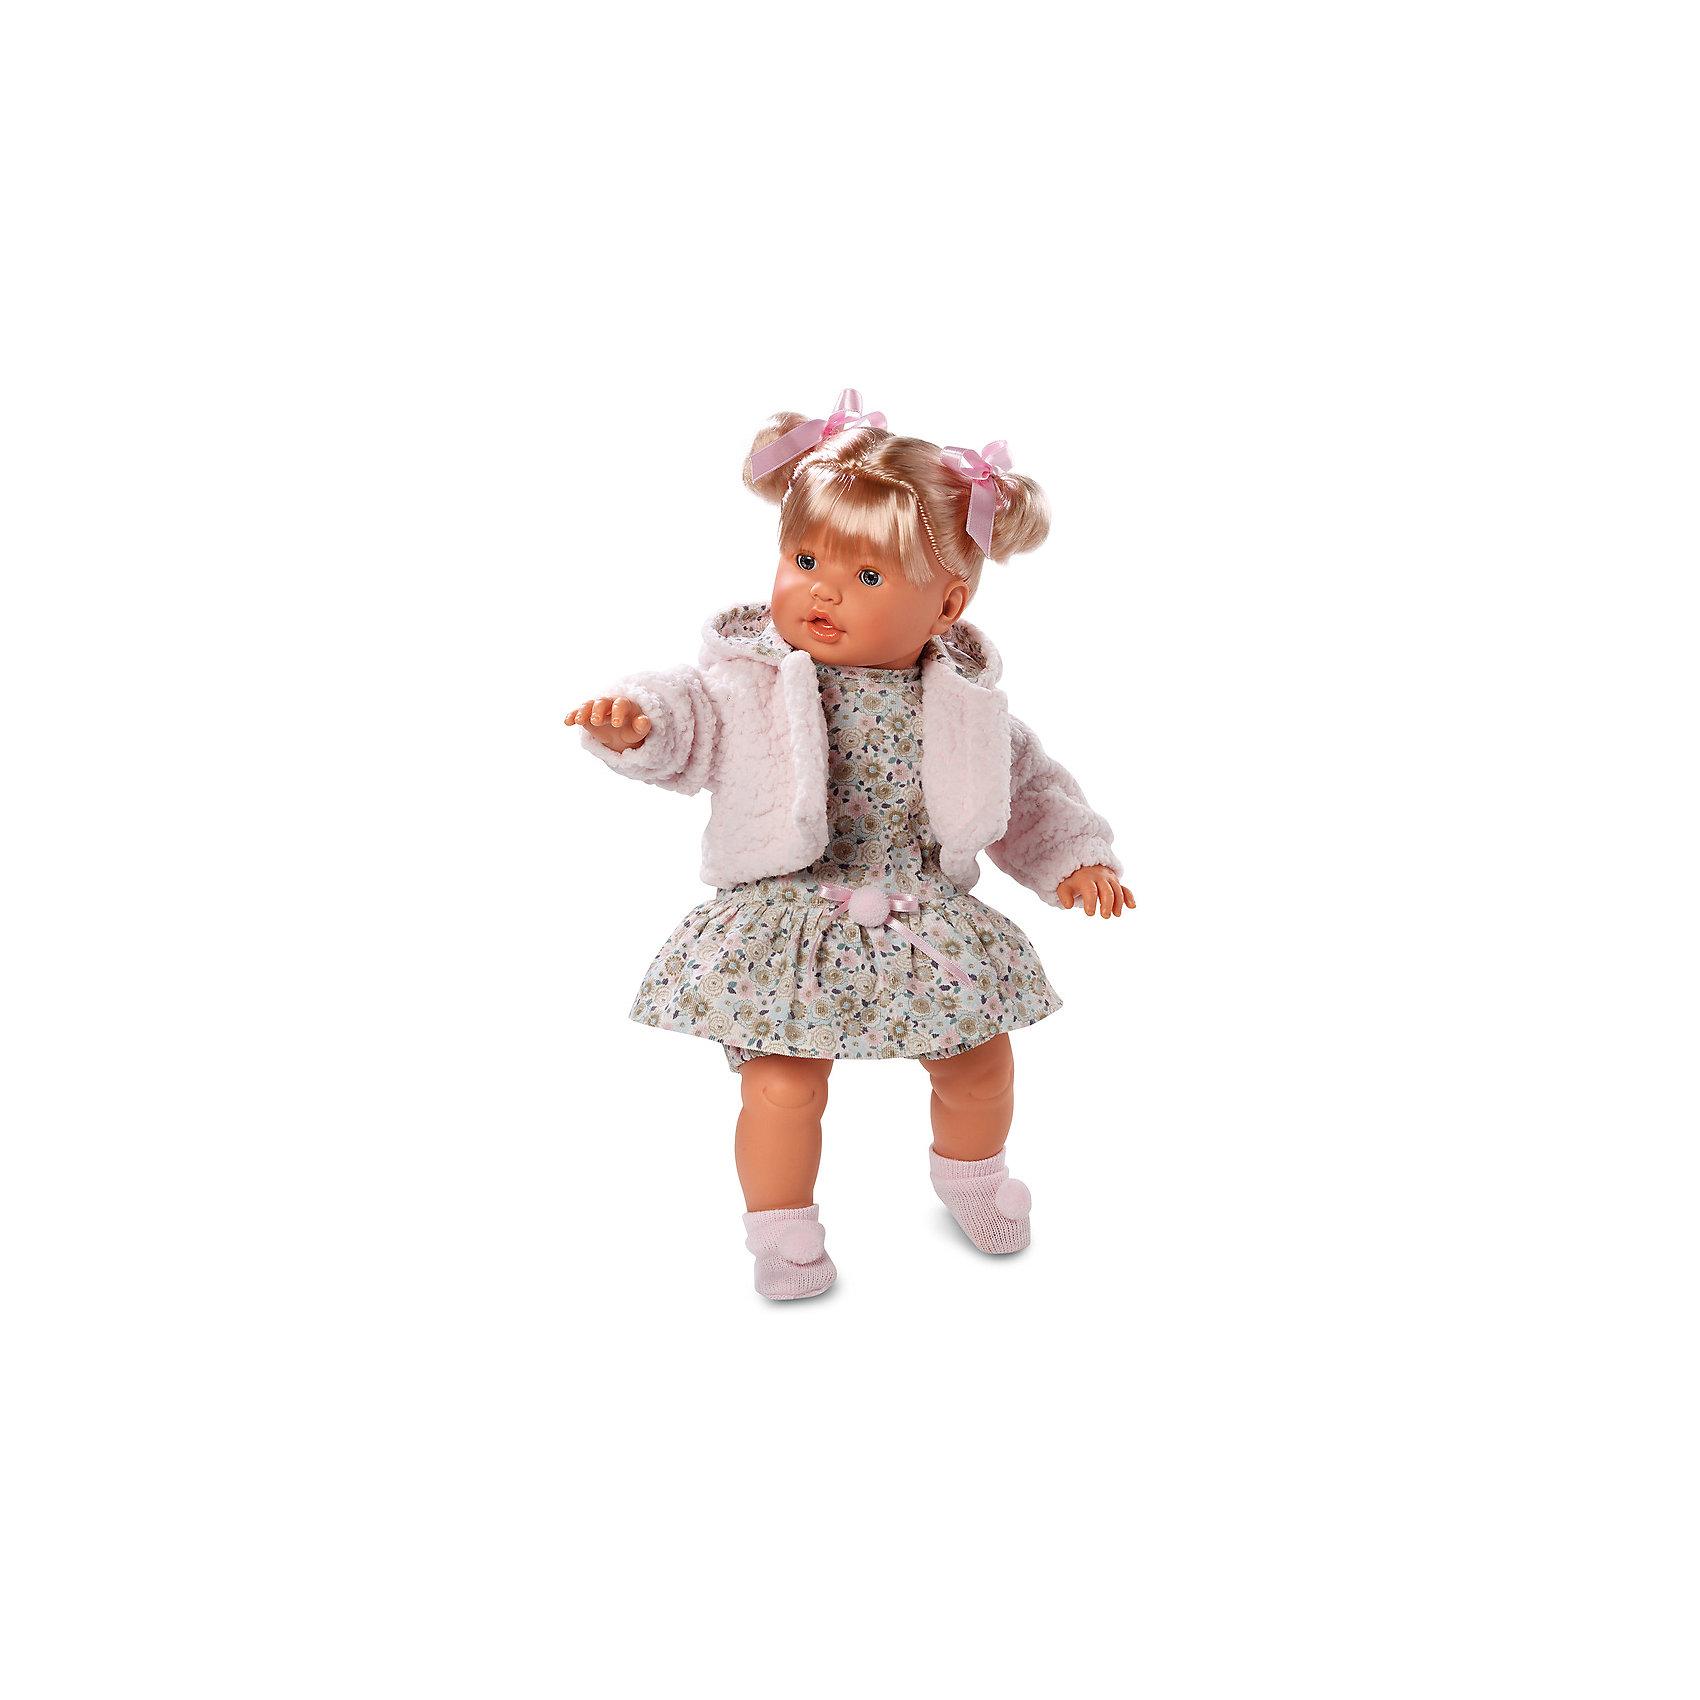 Кукла, 48 см, LlorensКлассические куклы<br>Характеристики:<br><br>• Предназначение: для сюжетно-ролевых игр<br>• Тип куклы: мягконабивная<br>• Пол куклы: девочка <br>• Цвет волос: блондинка<br>• Материал: поливинилхлорид, пластик, нейлон, текстиль<br>• Цвет: розовый, белый, коричневый<br>• Высота куклы: 48 см<br>• Комплектация: кукла, платье, панталончики, носочки, шубка<br>• Вес: 1 кг 550 г<br>• Размеры упаковки (Д*В*Ш): 23*45*12 см<br>• Упаковка: подарочная картонная коробка <br>• Особенности ухода: допускается деликатная стирка без использования красящих и отбеливающих средств предметов одежды куклы<br><br>Кукла 48 см без звука – кукла, производителем которого является всемирно известный испанский кукольный бренд Llorens. Куклы этой торговой марки имеют свою неповторимую внешность и целую линейку образов как пупсов, так и кукол-малышей. Игрушки выполнены из сочетания поливинилхлорида и пластика, что позволяет с высокой долей достоверности воссоздать физиологические и мимические особенности маленьких детей. При изготовлении кукол Llorens используются только сертифицированные материалы, безопасные и не вызывающие аллергических реакций. Волосы у кукол отличаются густотой, шелковистостью и блеском, при расчесывании они не выпадают и не ломаются.<br>Кукла 48 см без звука выполнена в образе малышки: у нее светлые волосы, собранные в два хвостика, и голубые глаза. Комплект одежды состоит из платьица с цветочным принтом, панталончиков, короткой розовой шубки с капюшоном и розовых носочков с розовыми помпонами.<br>Кукла 48 см без звука – это идеальный вариант для подарка к различным праздникам и торжествам.<br><br>Куклу 48 см без звука можно купить в нашем интернет-магазине.<br><br>Ширина мм: 23<br>Глубина мм: 45<br>Высота мм: 12<br>Вес г: 1550<br>Возраст от месяцев: 36<br>Возраст до месяцев: 84<br>Пол: Женский<br>Возраст: Детский<br>SKU: 5086922